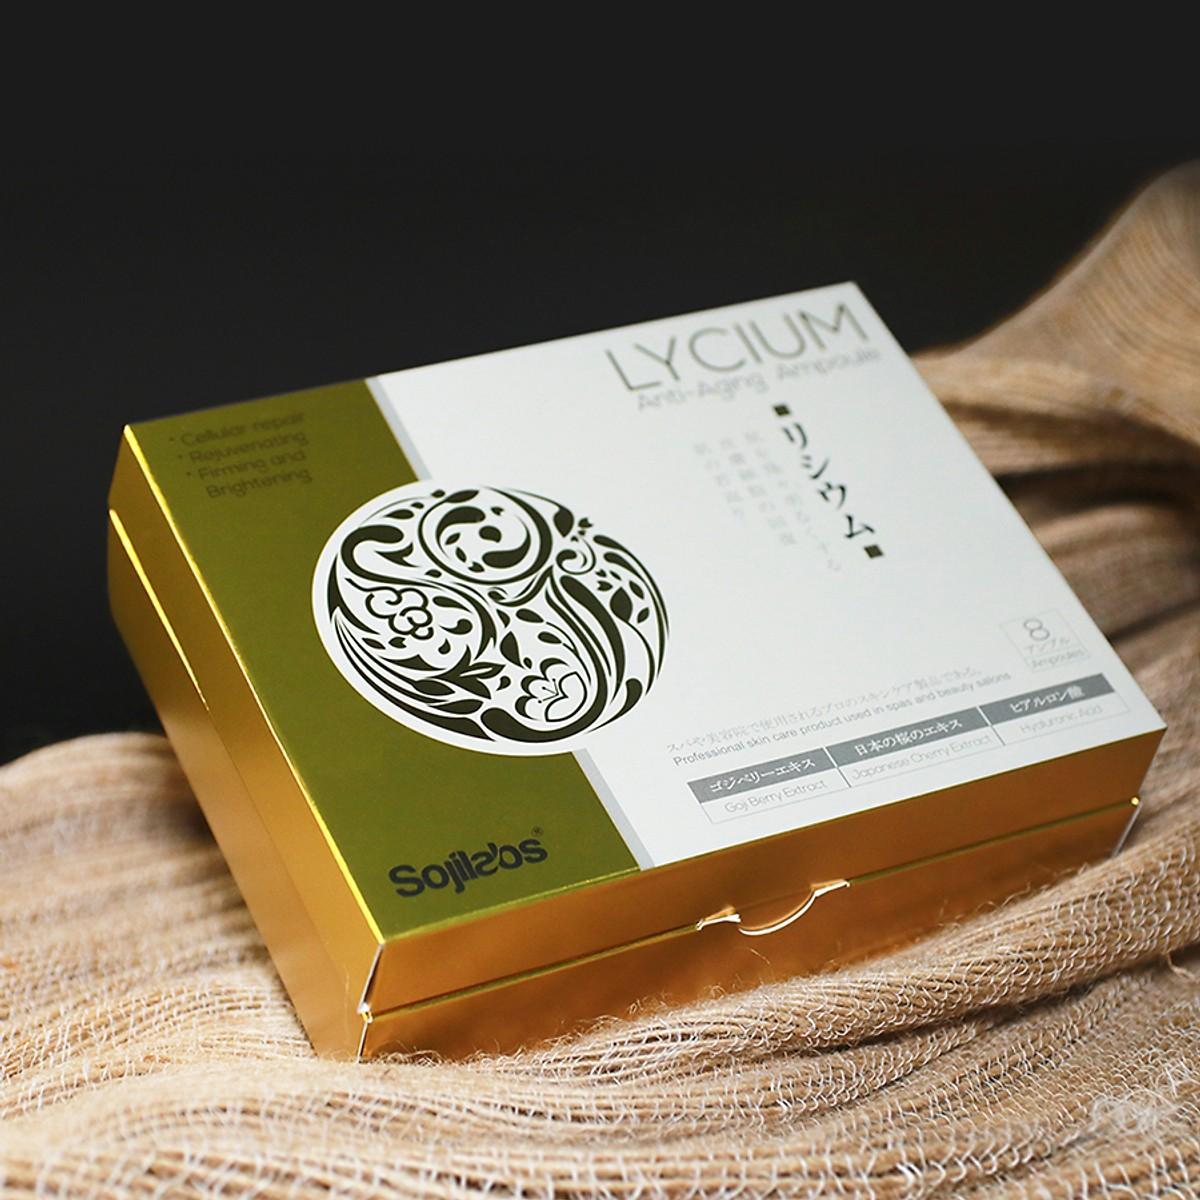 Combo 3 sản phẩm ngăn ngừa lão hóa chuyên sâu Lycium Ampoule Nhật Bản ( tặng 1 Lycium Ampoule )